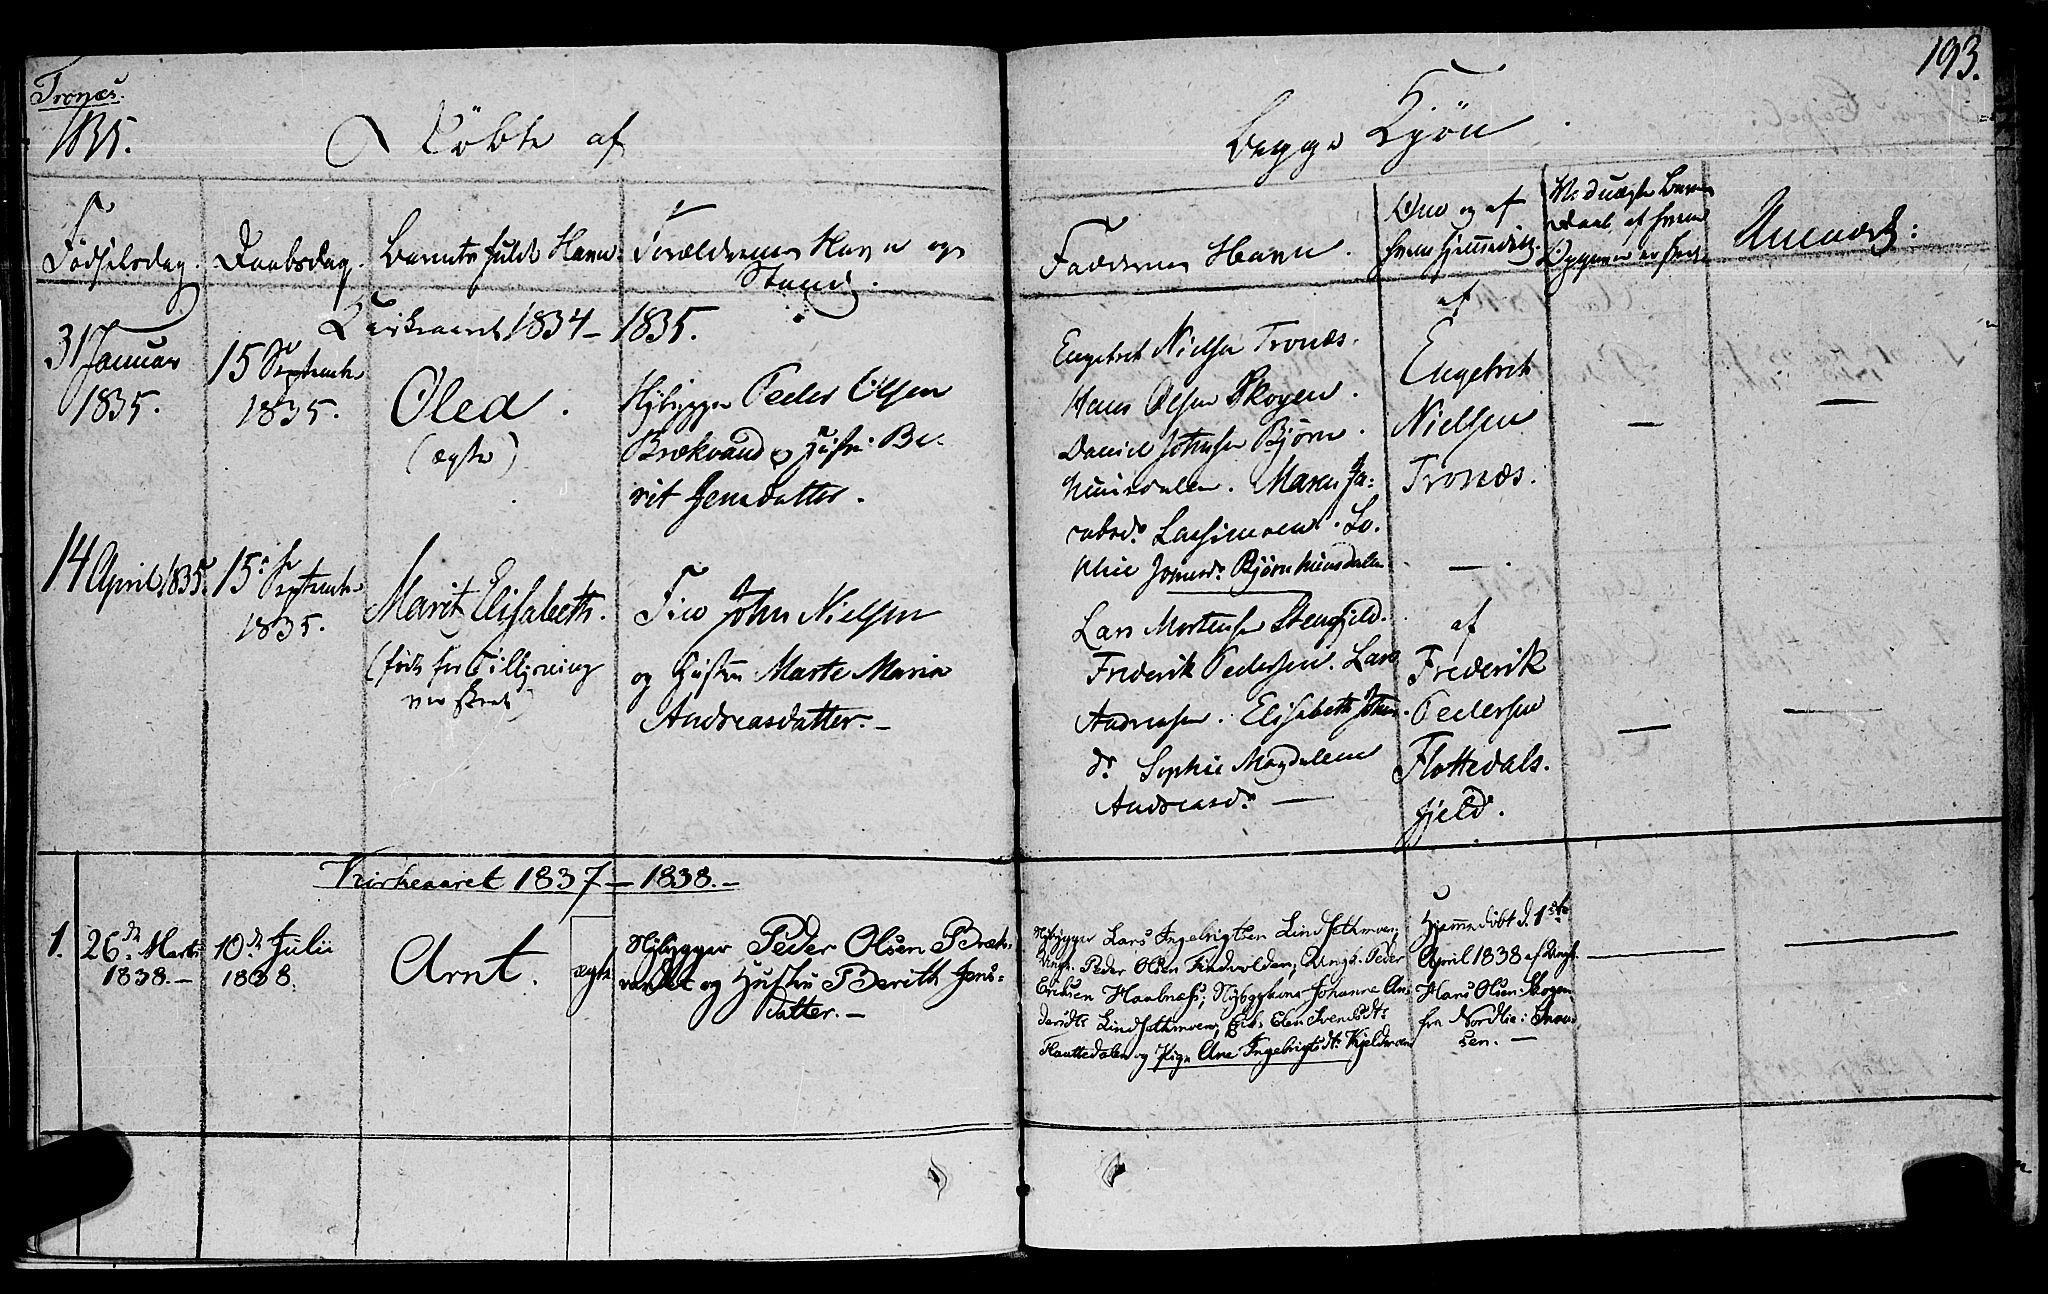 SAT, Ministerialprotokoller, klokkerbøker og fødselsregistre - Nord-Trøndelag, 762/L0538: Ministerialbok nr. 762A02 /2, 1833-1879, s. 193